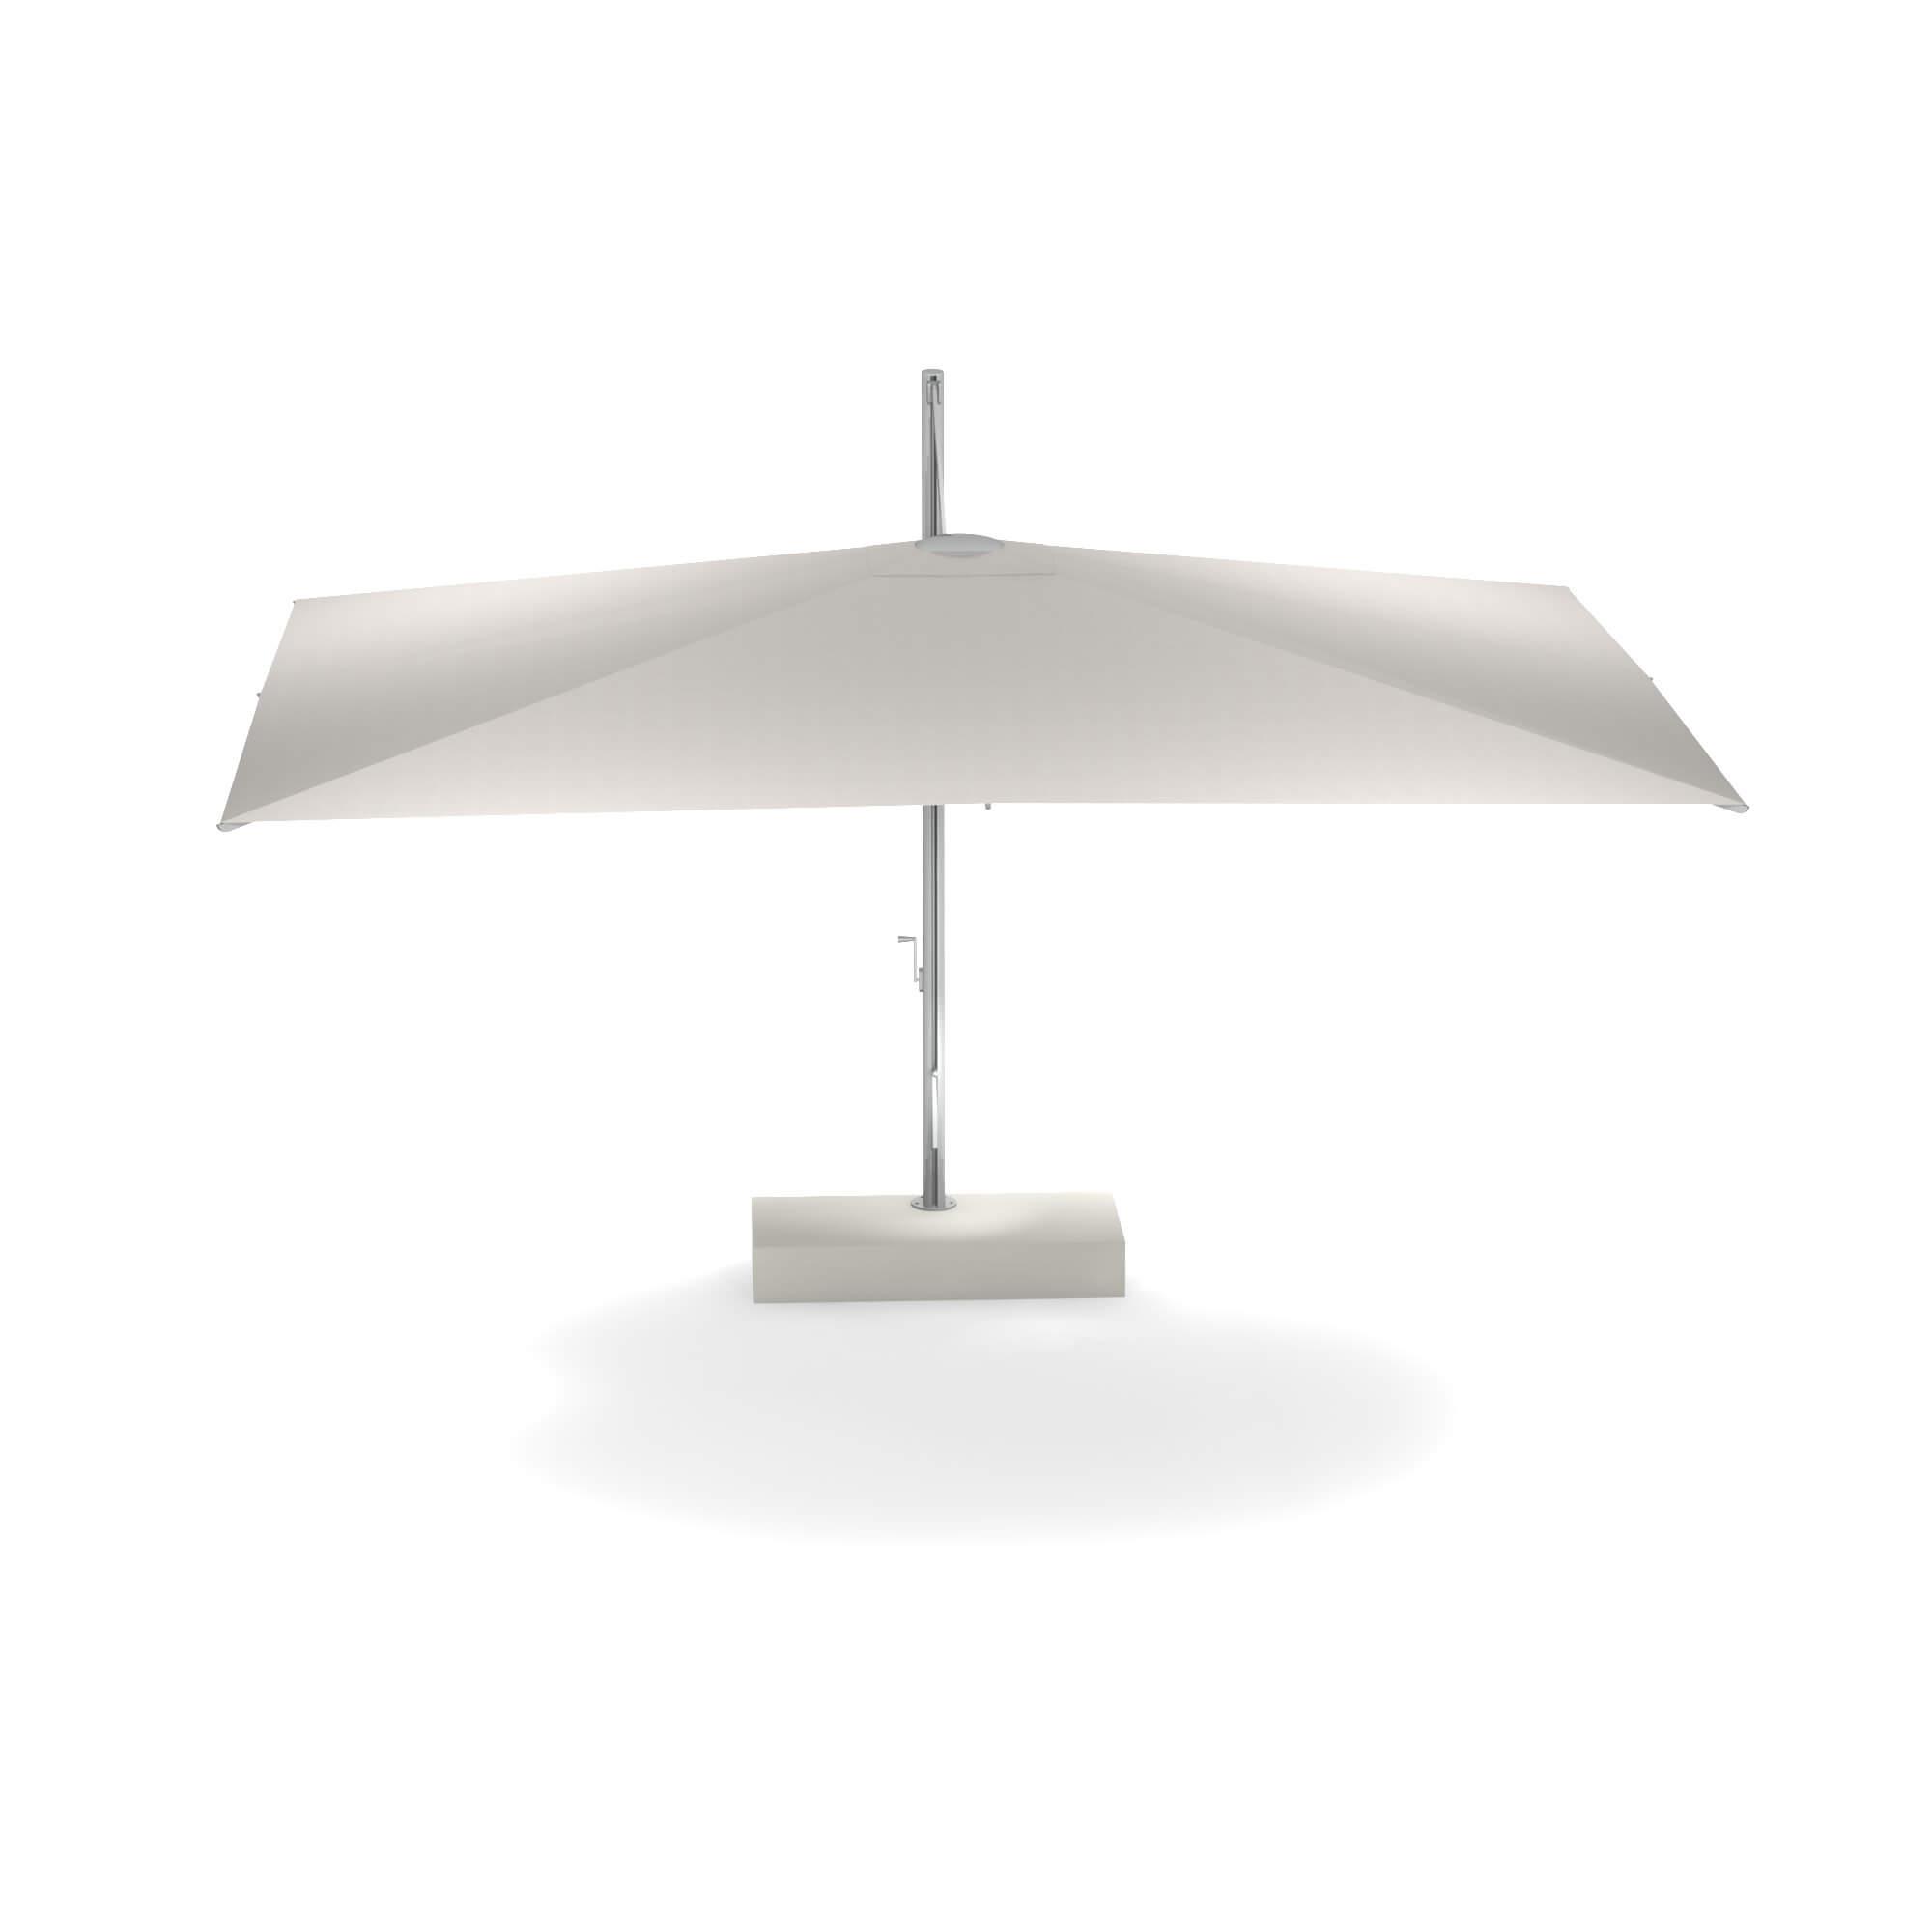 Ombrellone 3x4 da giardino esterno in alluminio for Ombrellone da giardino emu prezzi